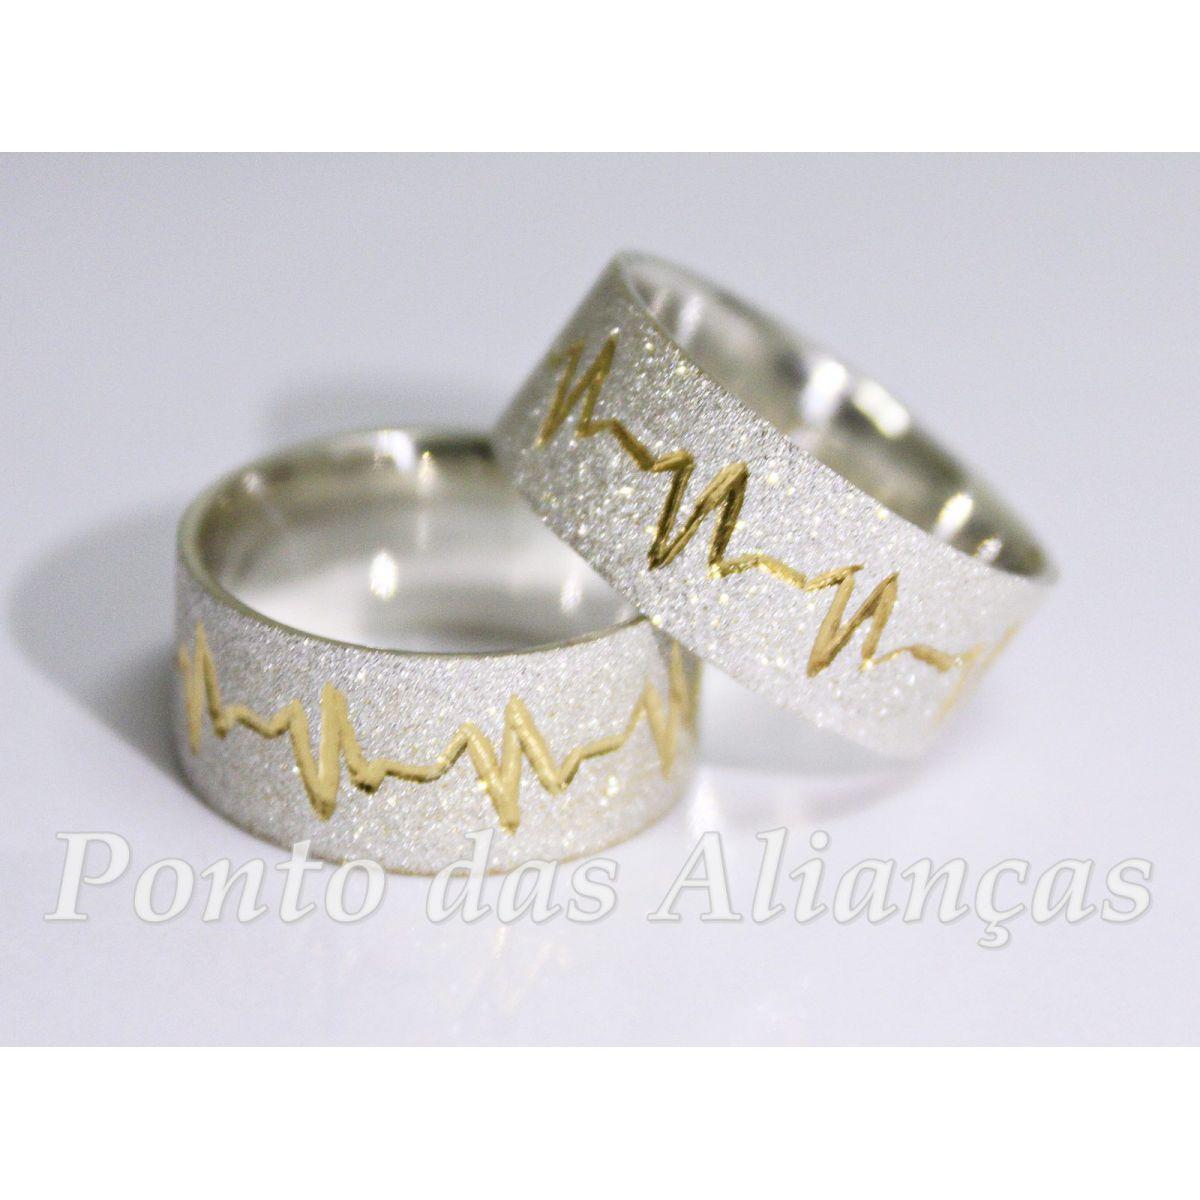 Alianças de Prata Compromisso - Noivado  - 3037